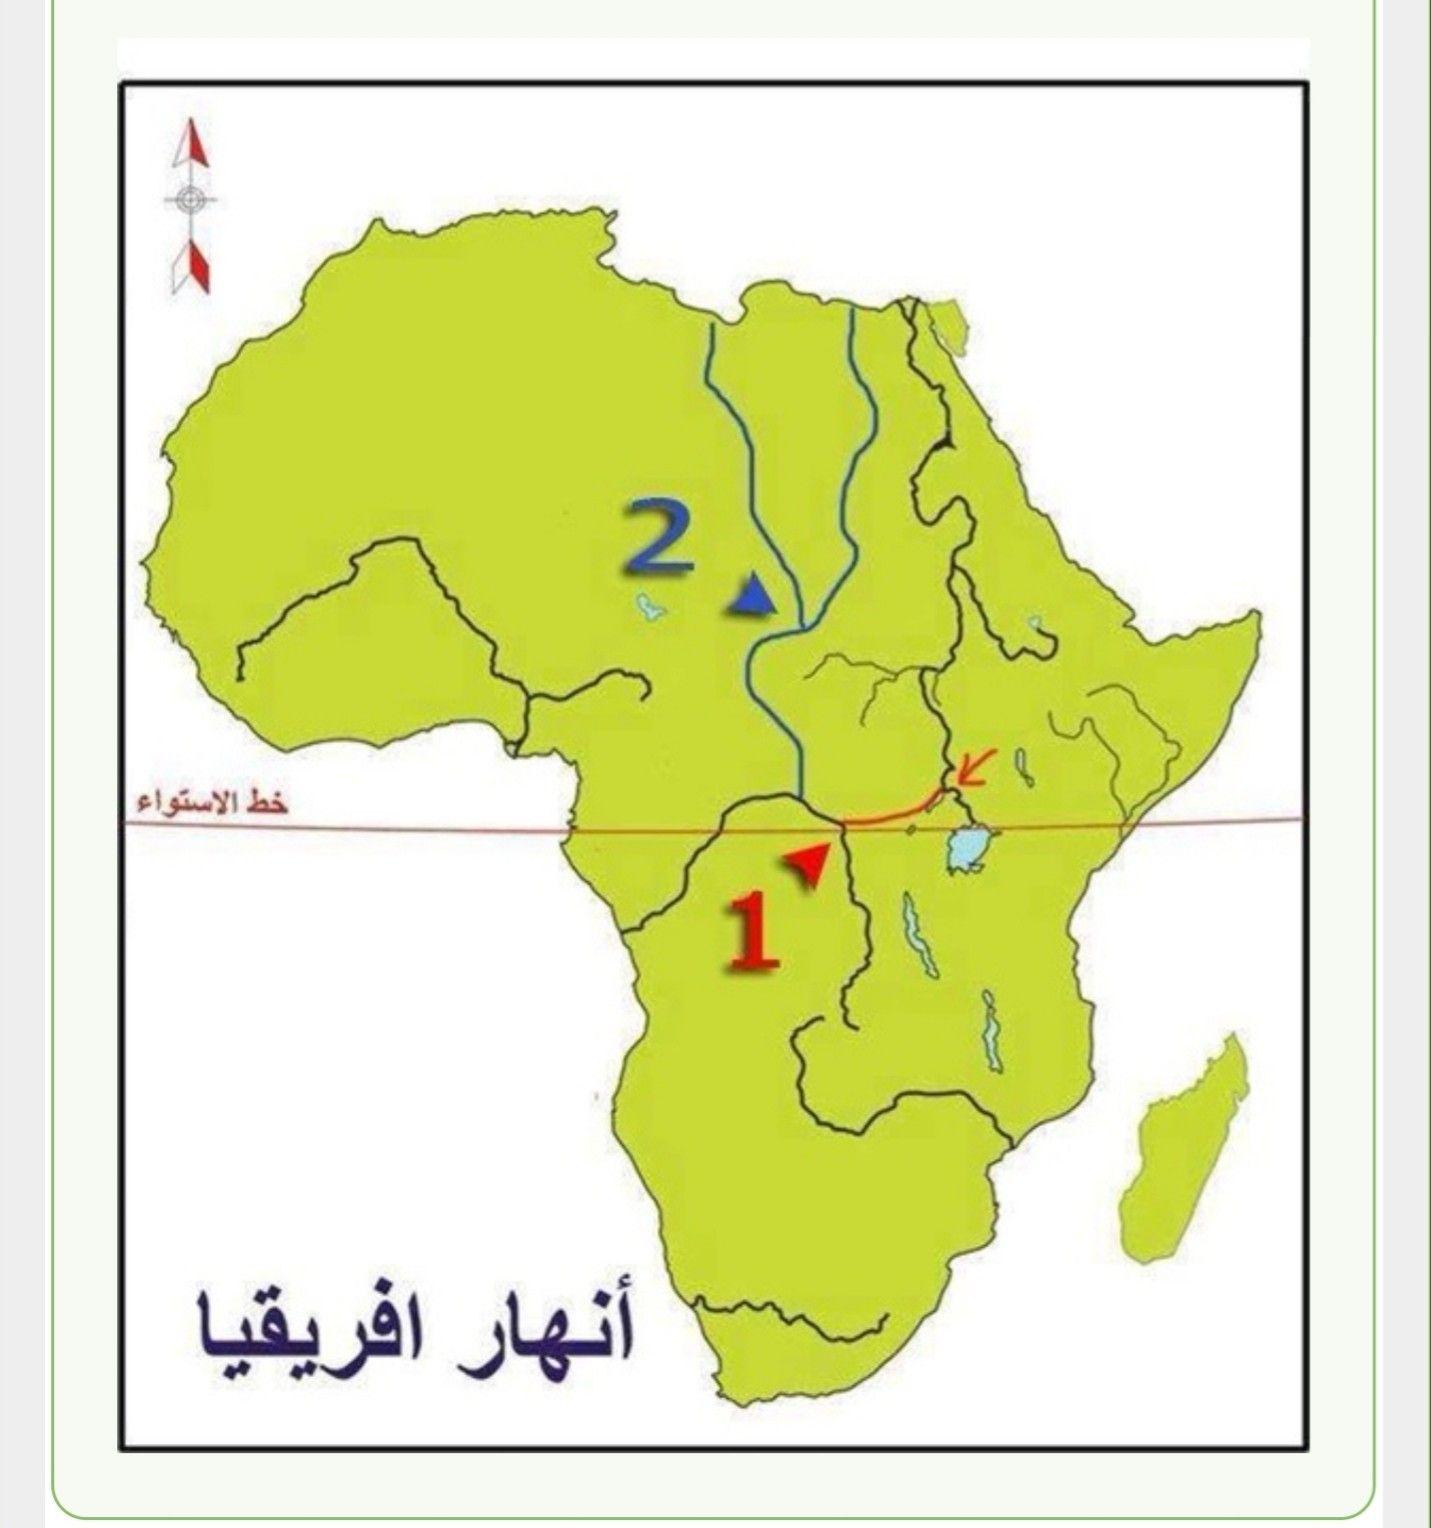 خريطة لمقترحين الأول لربط نهر الكونغو بنهر النيل والثاني لإنشاء نهر جديد متفرع من نهر الكونغو حلم من المكن تحقيقة بإر Fictional Characters Simpson Character